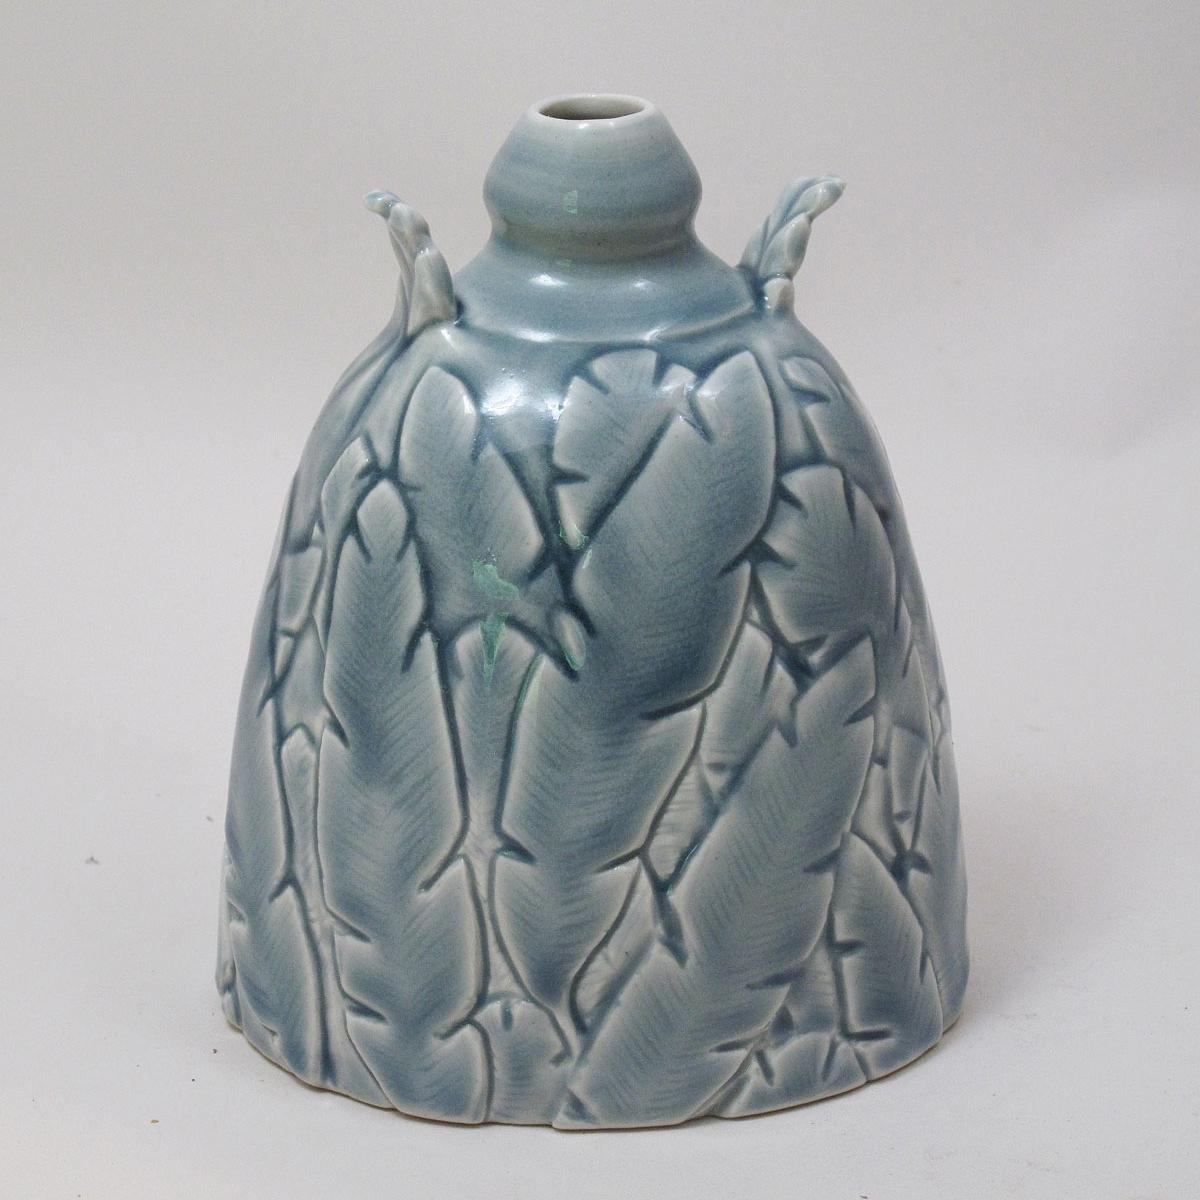 David-Voorhees-feather-carved-porcelain-bottle.jpg